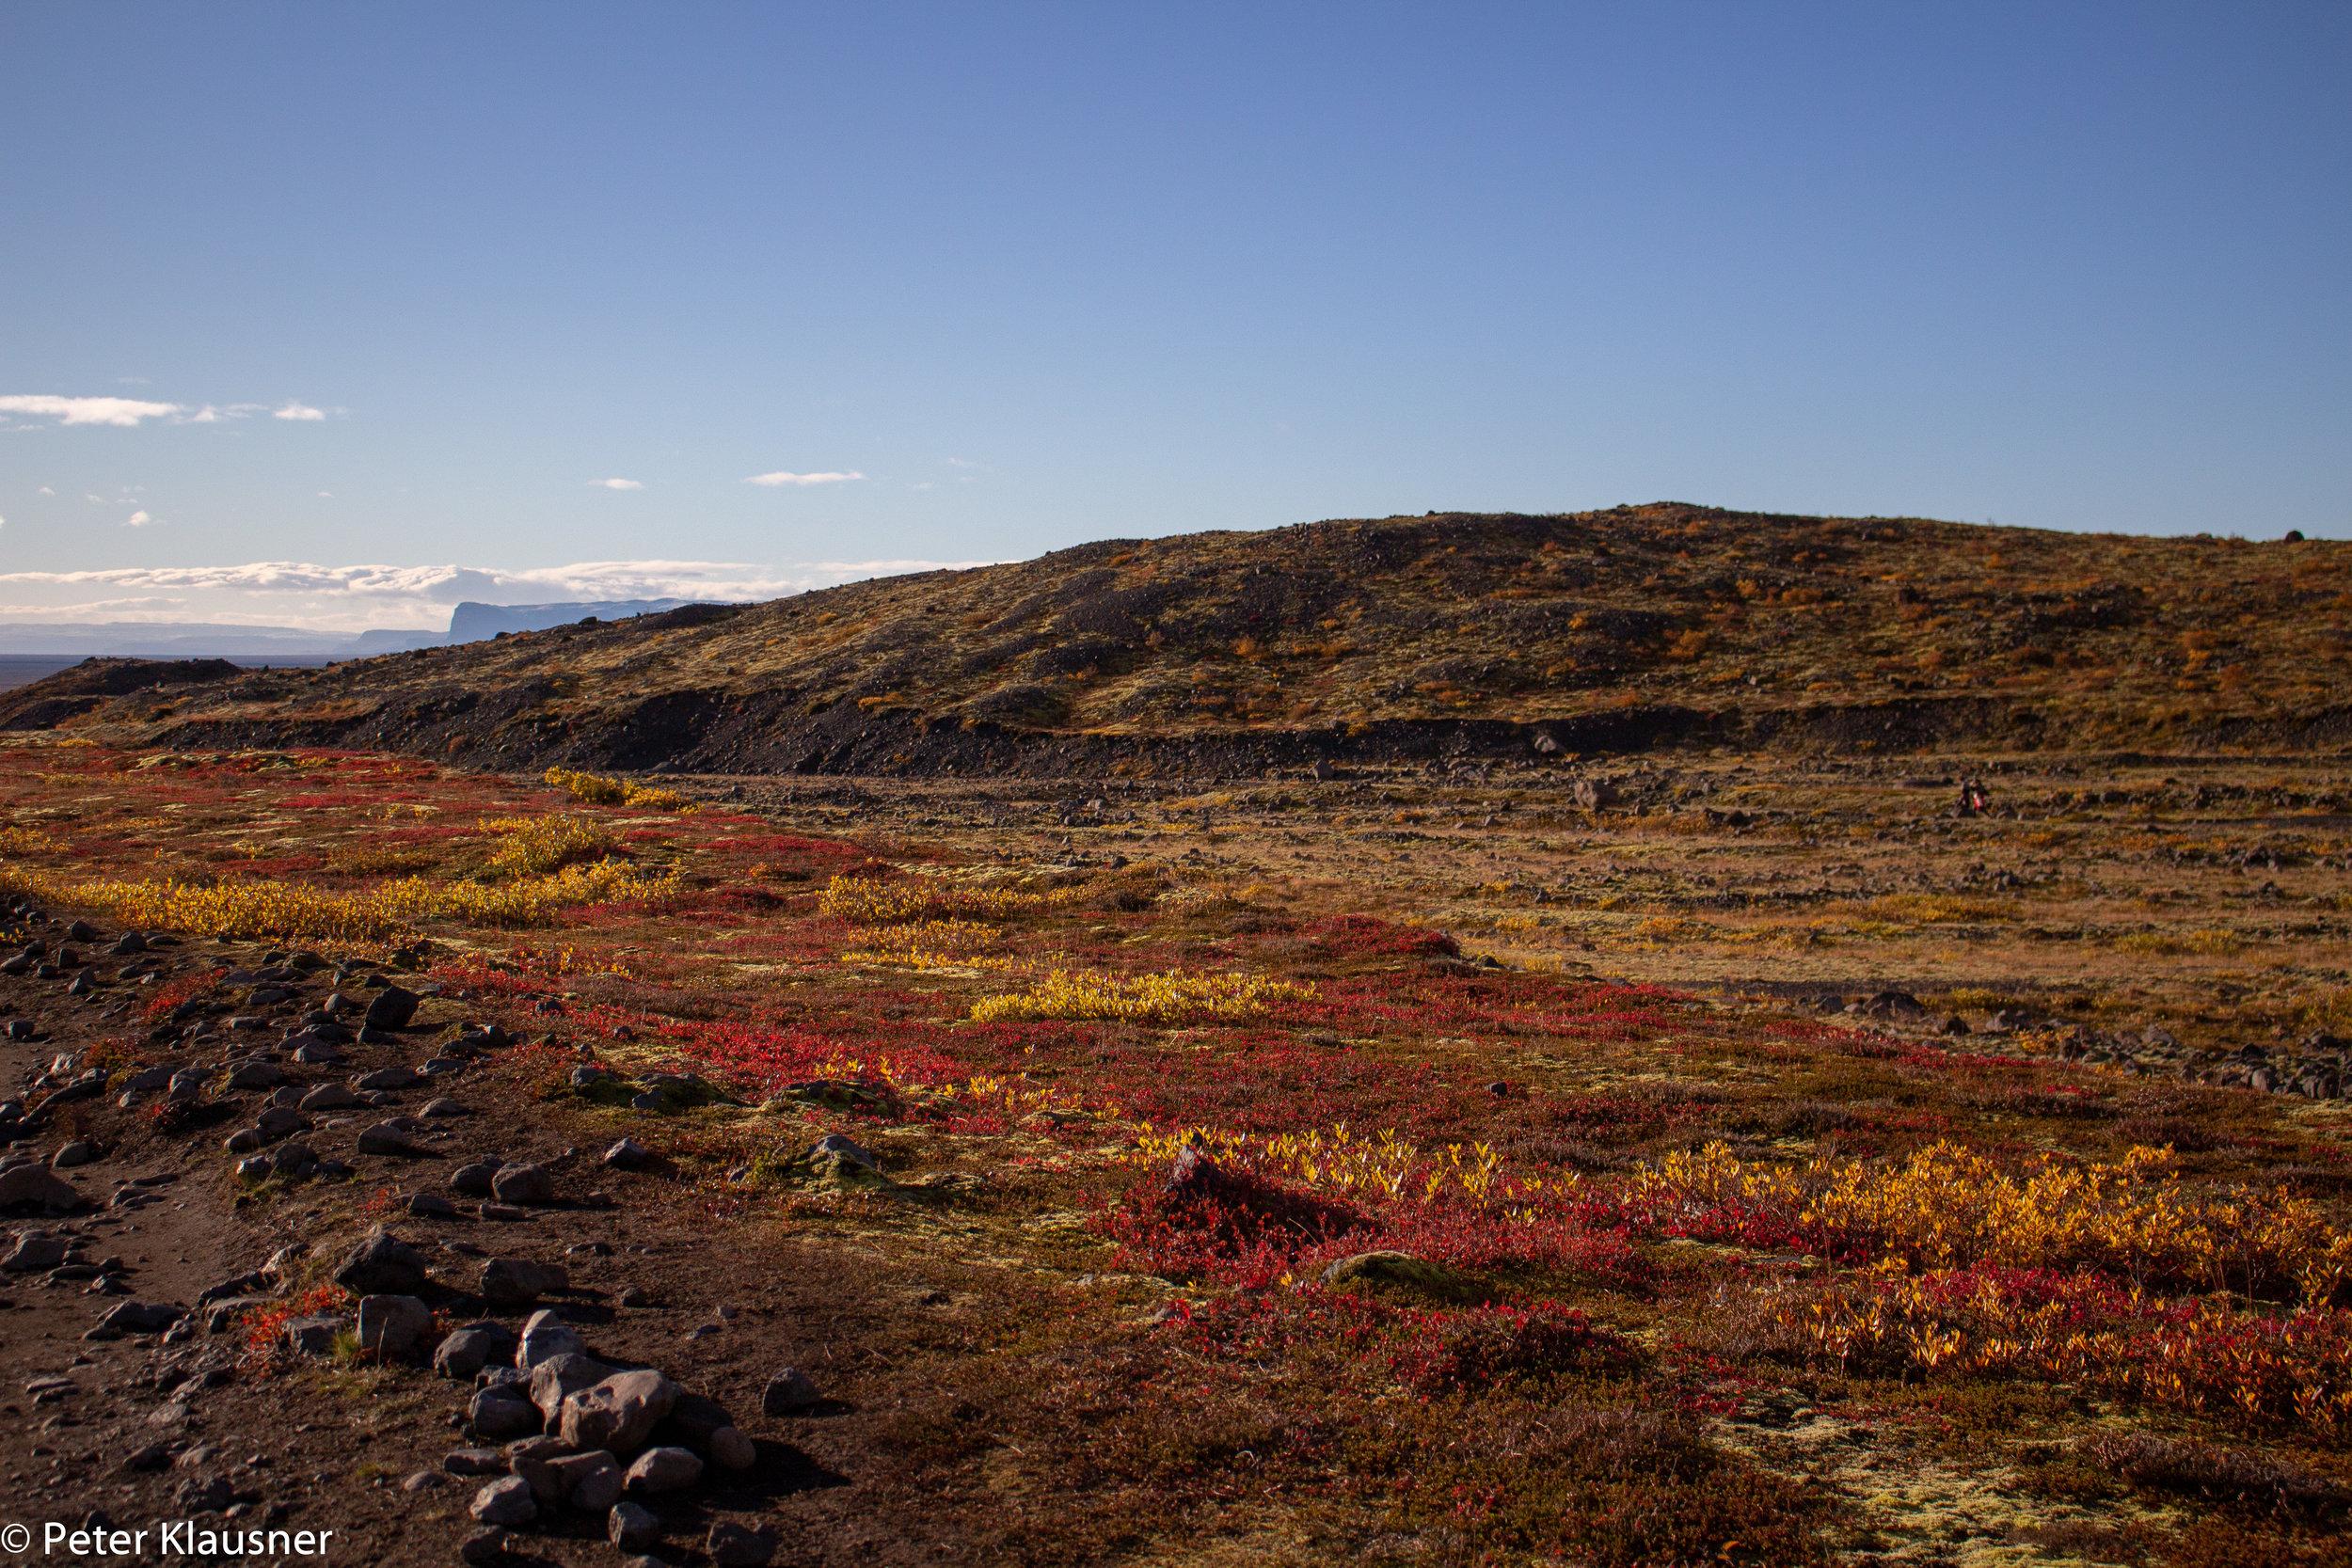 IcelandWebsite-36.jpg